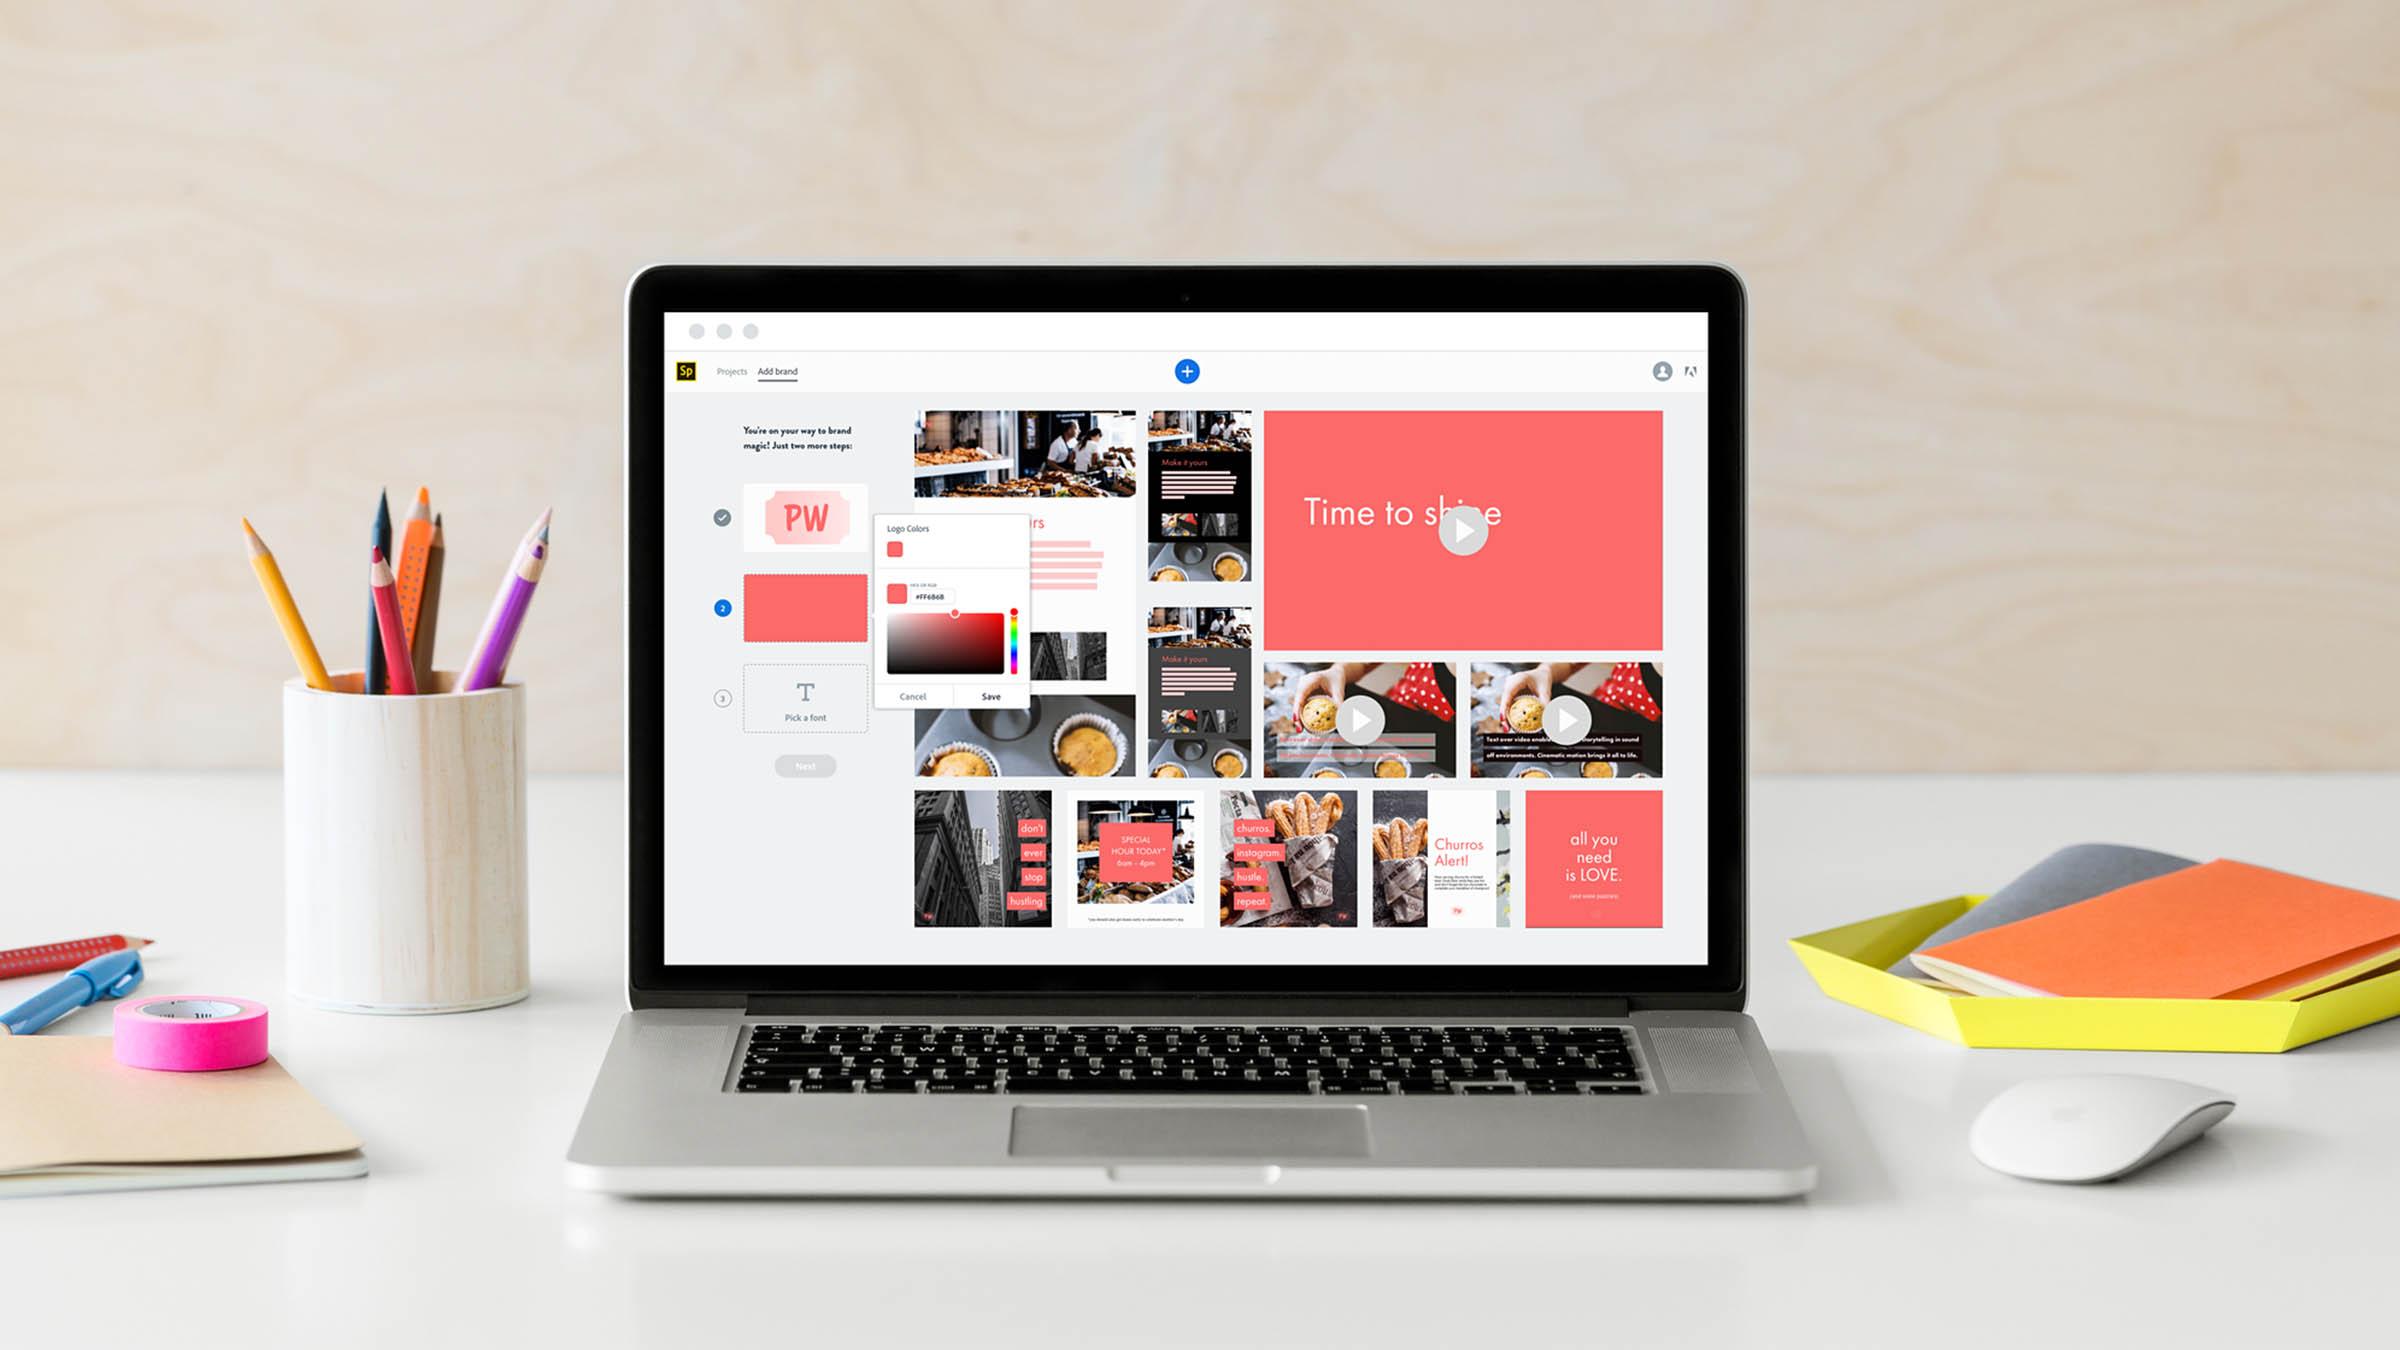 Collage erstellen online mit Leichtigkeit. Mit Adobe Spark ist das jetzt ganz einfach